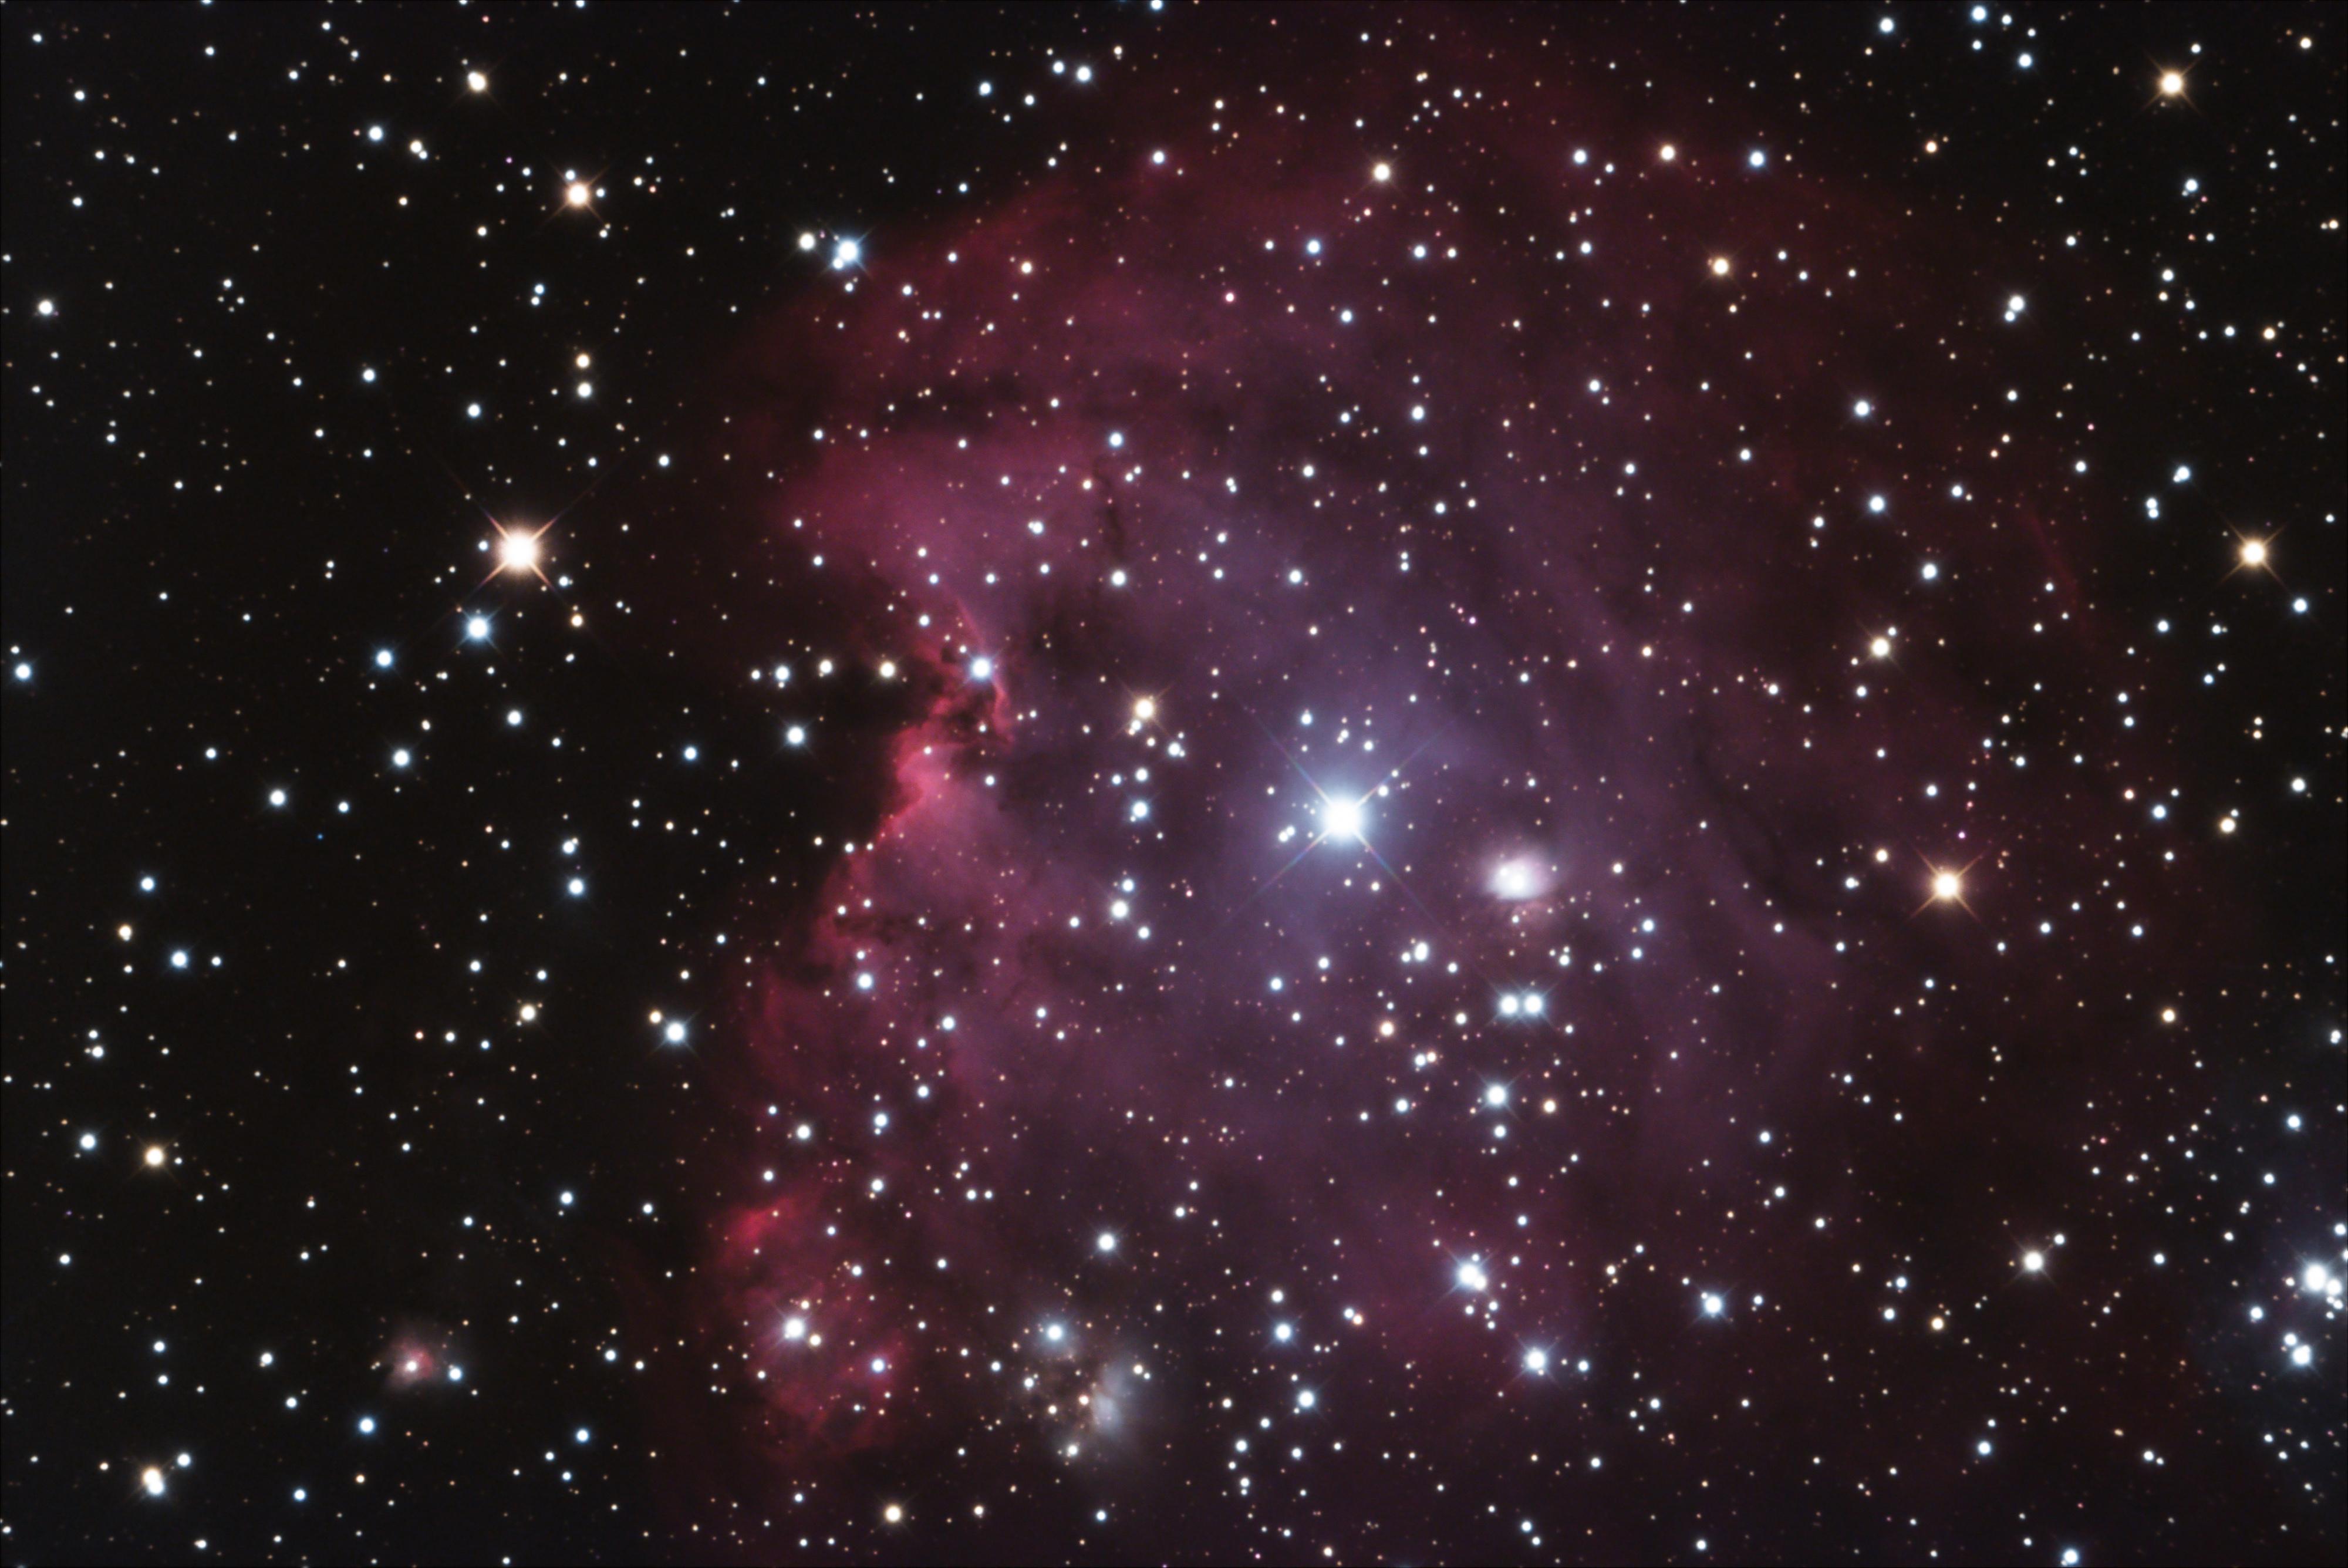 Nébuleuse de la tête de singe (NGC 2174)